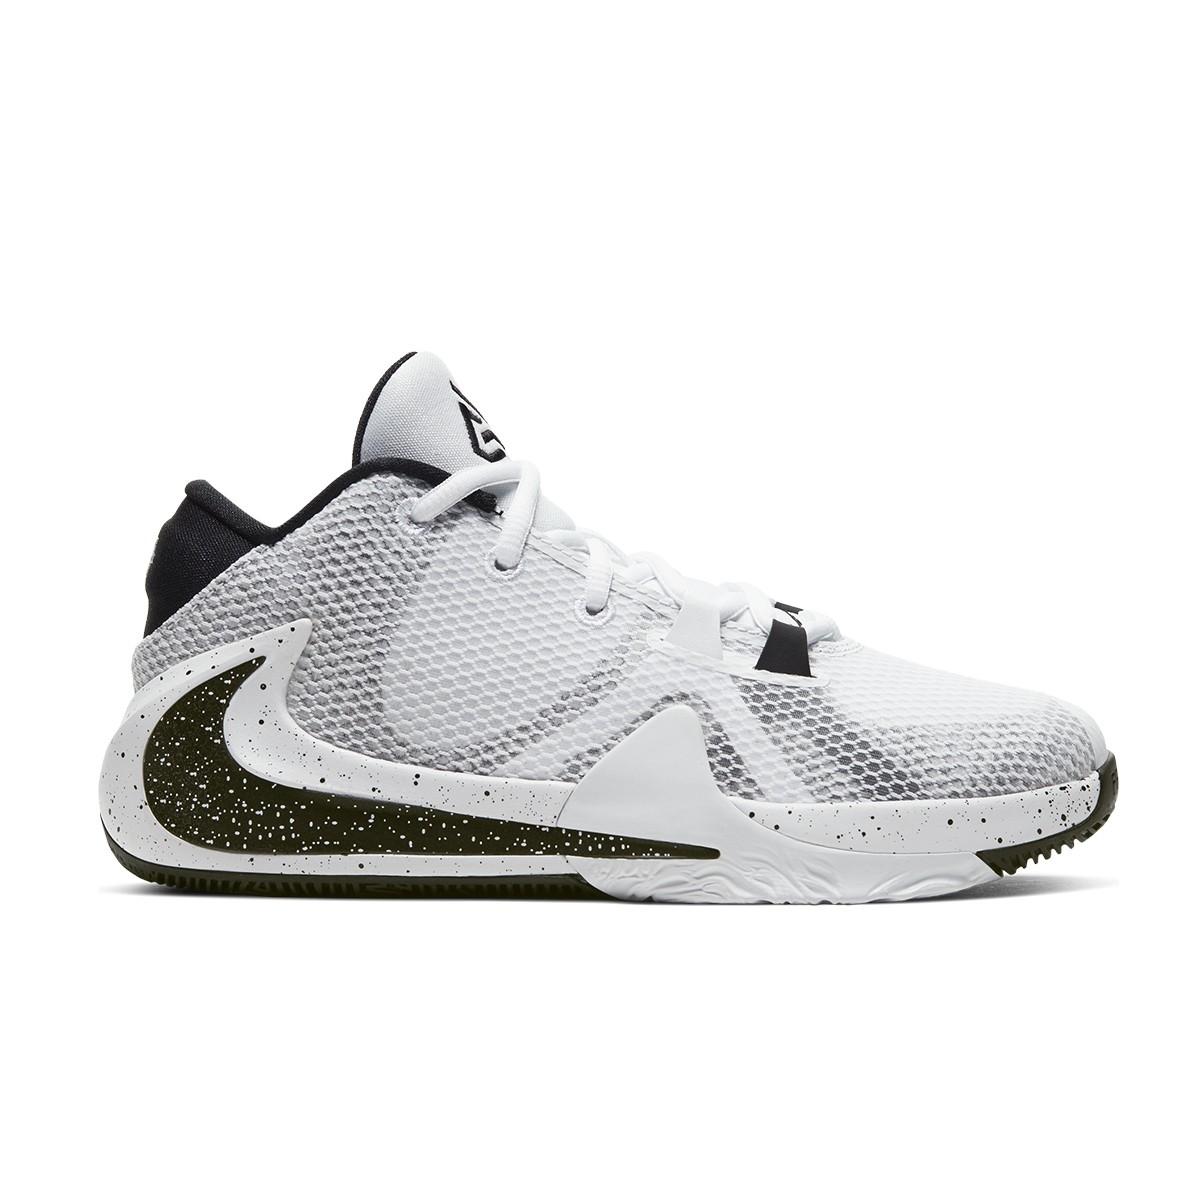 Nike Freak 1 GS 'Oreo'